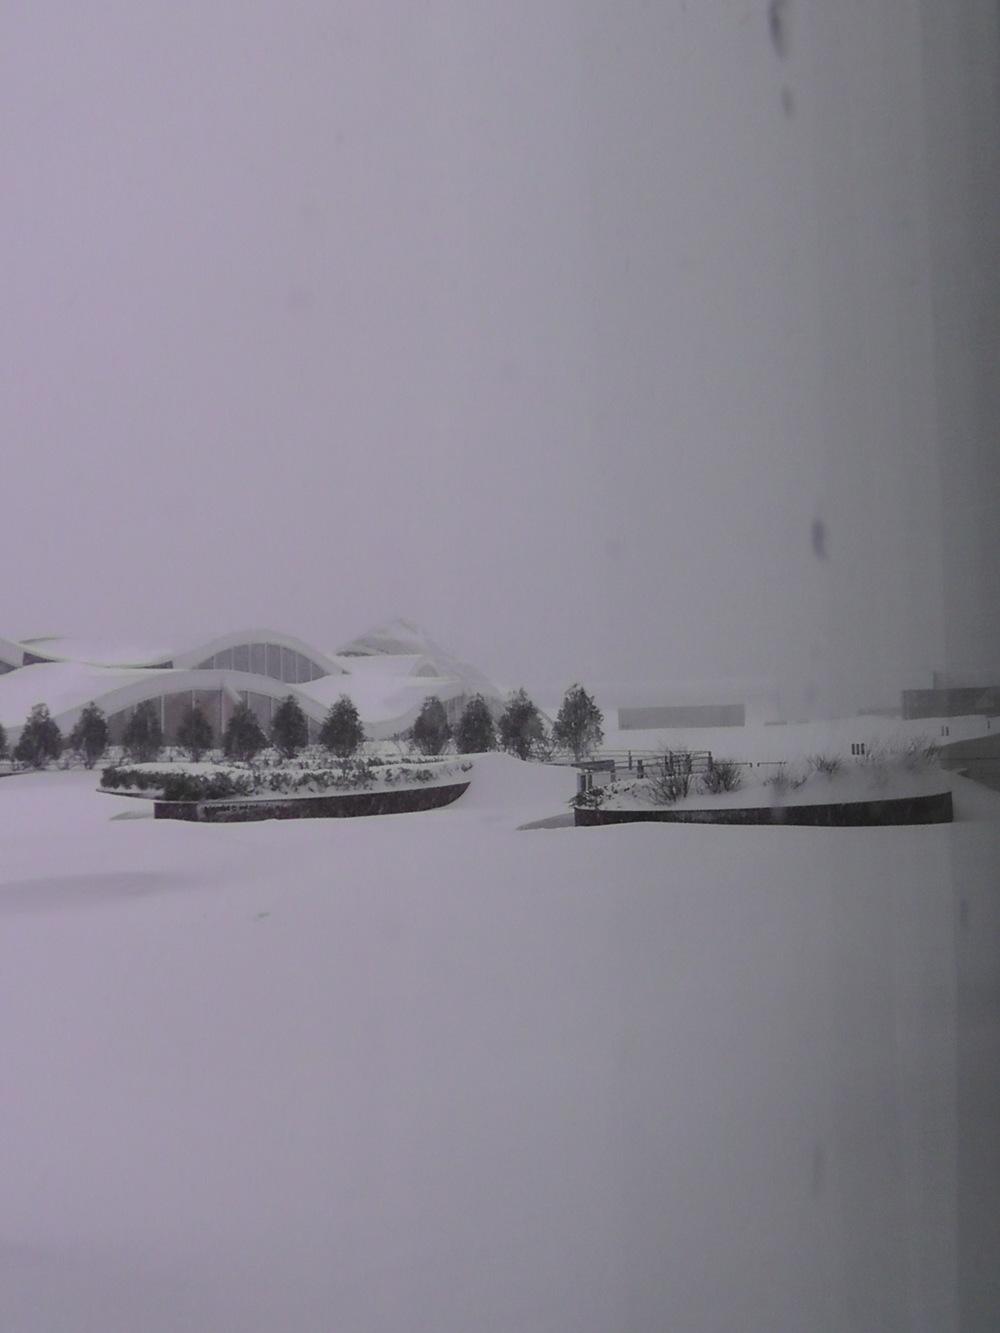 roof of building in snow.jpg